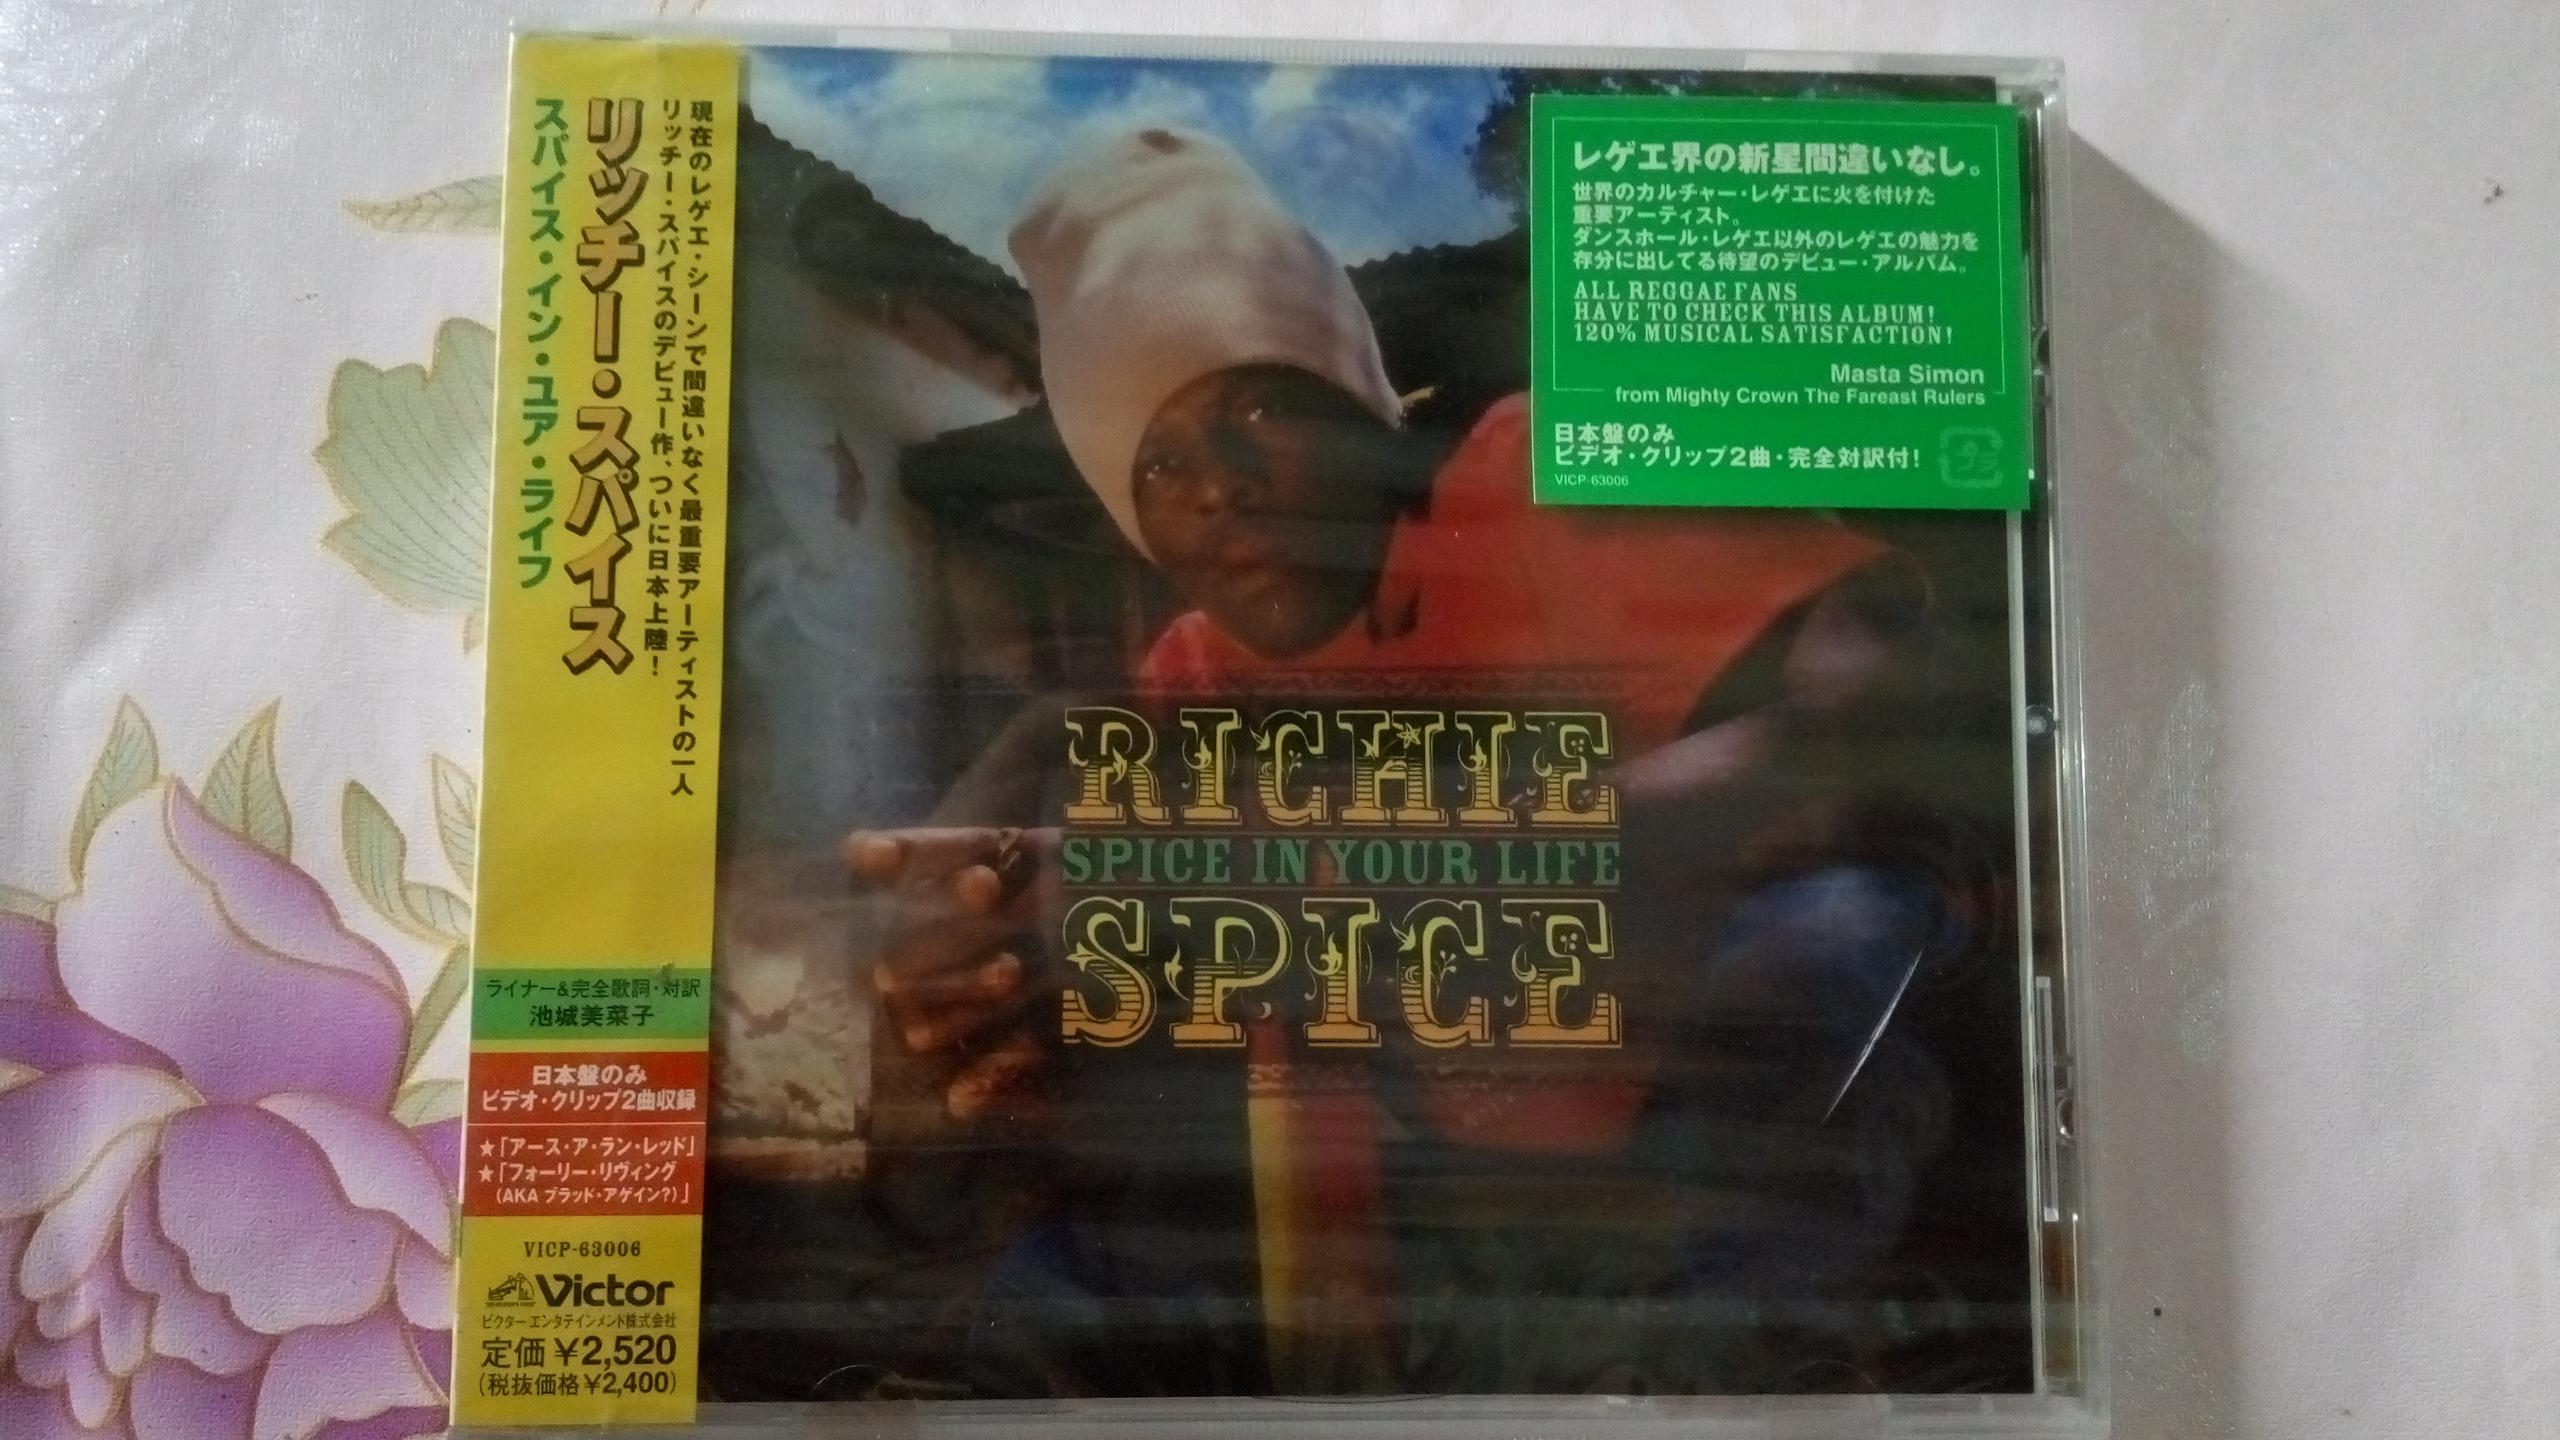 Совершенно новый Spice In Your Life Richie Spice сказать петь